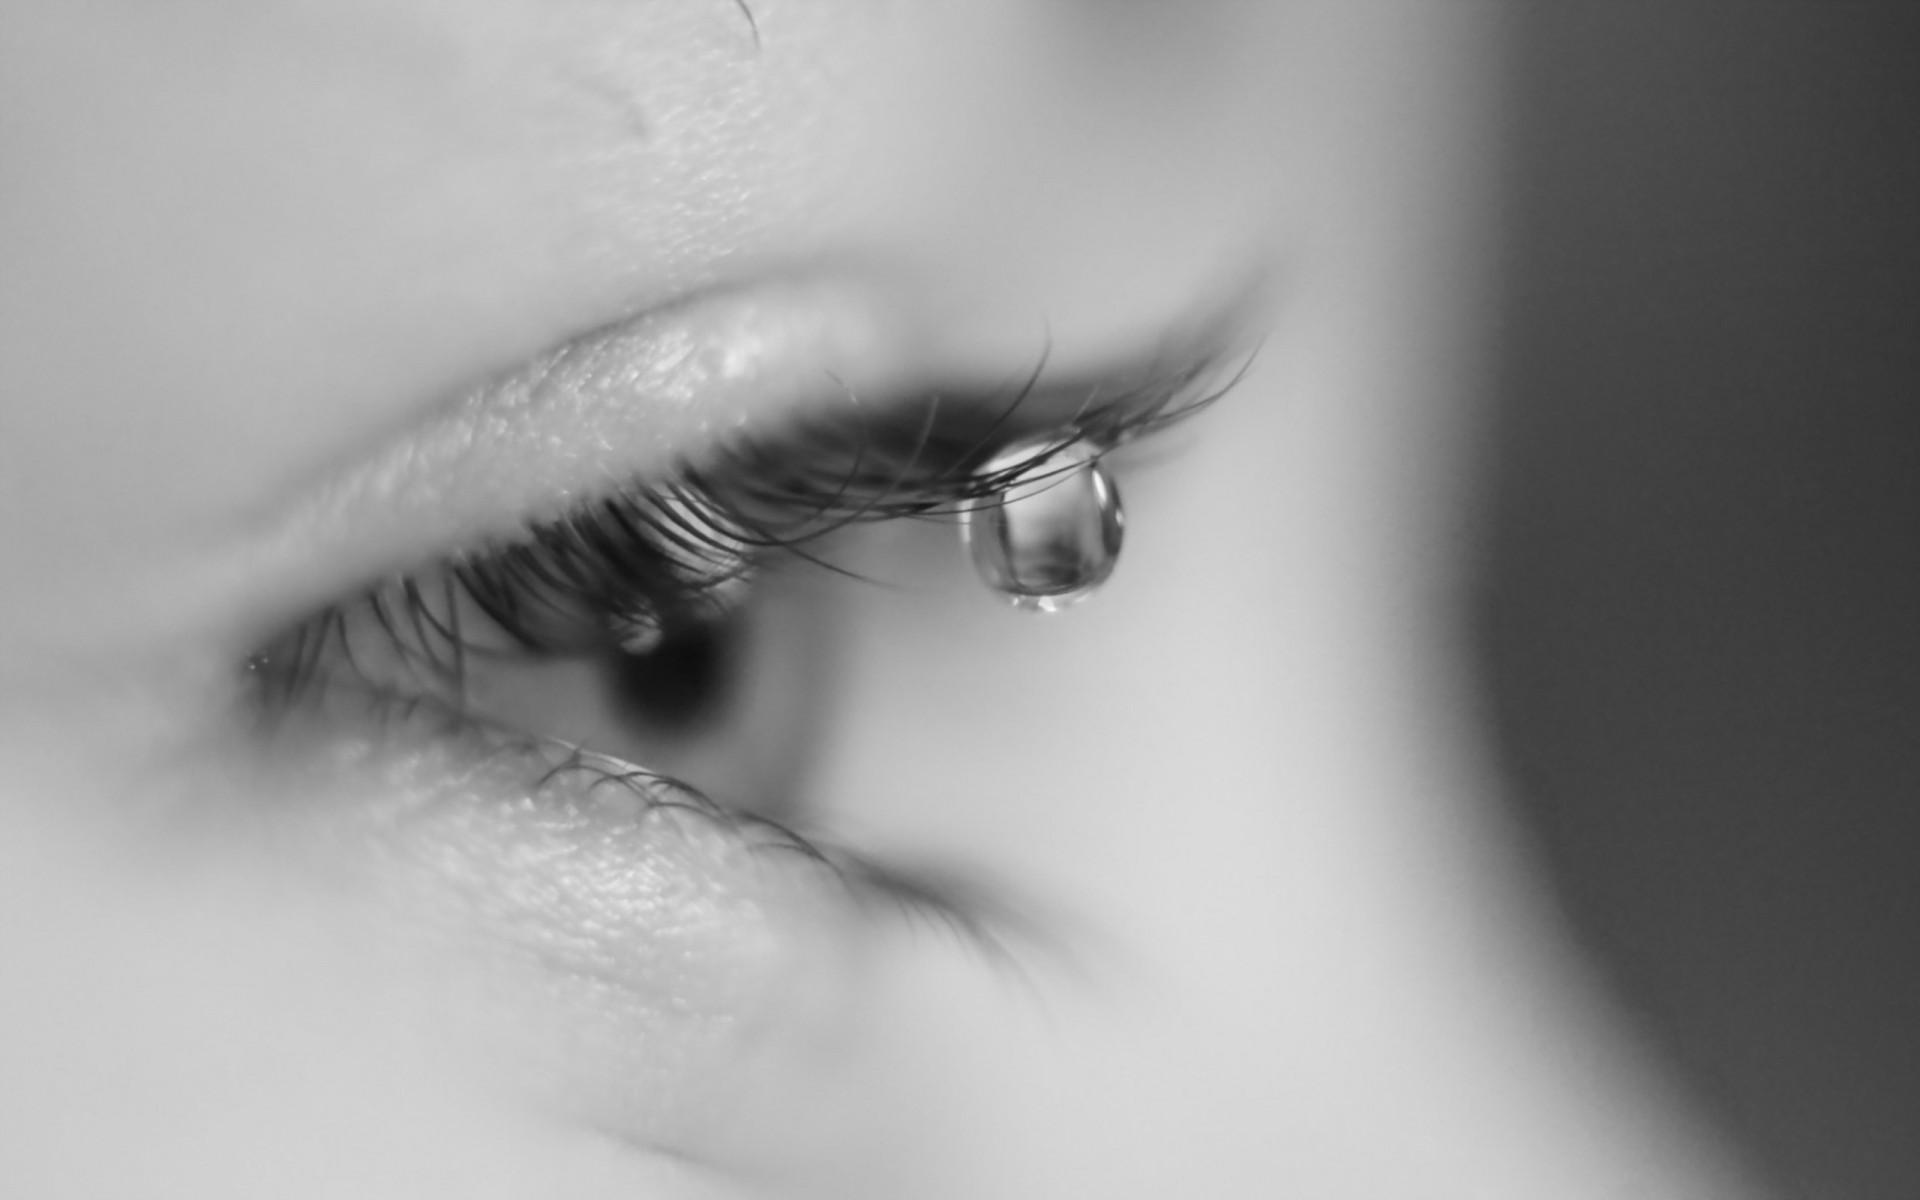 Картинки грустные глаза со слезами со смыслом, размер дизайн